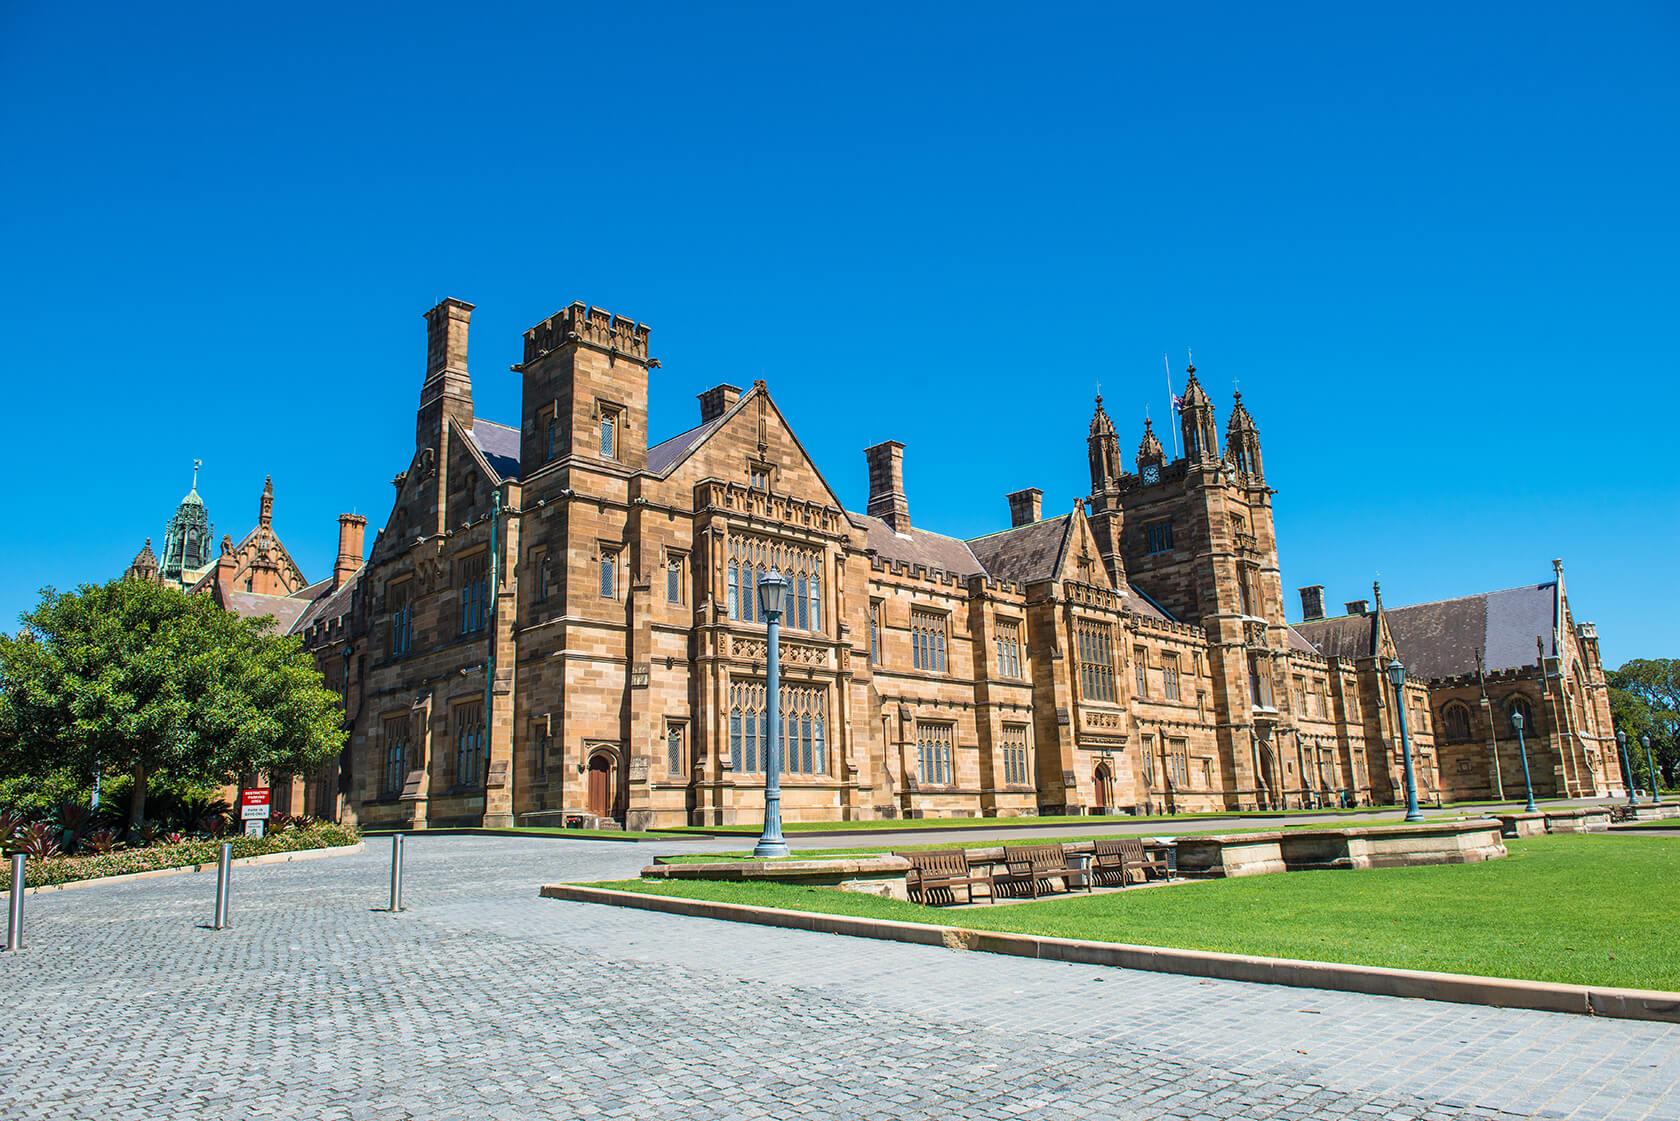 シドニー大学 - The University of Sydney